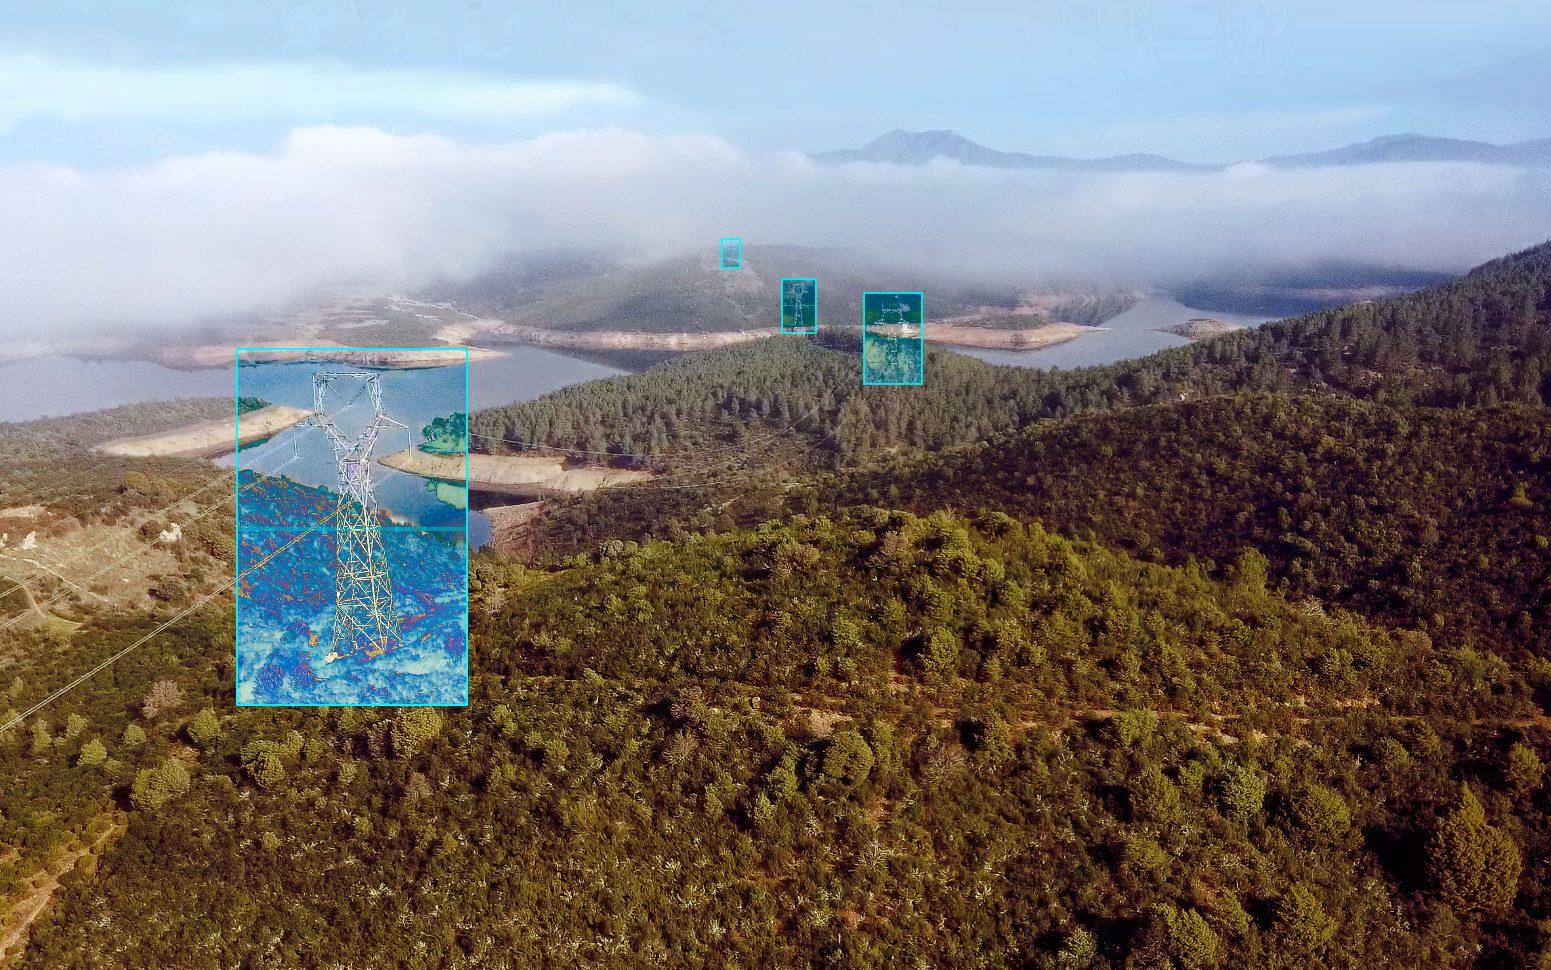 Inspeccionando con dron una linea de alta tensión en Madrid. ©AerialTécnica 2020